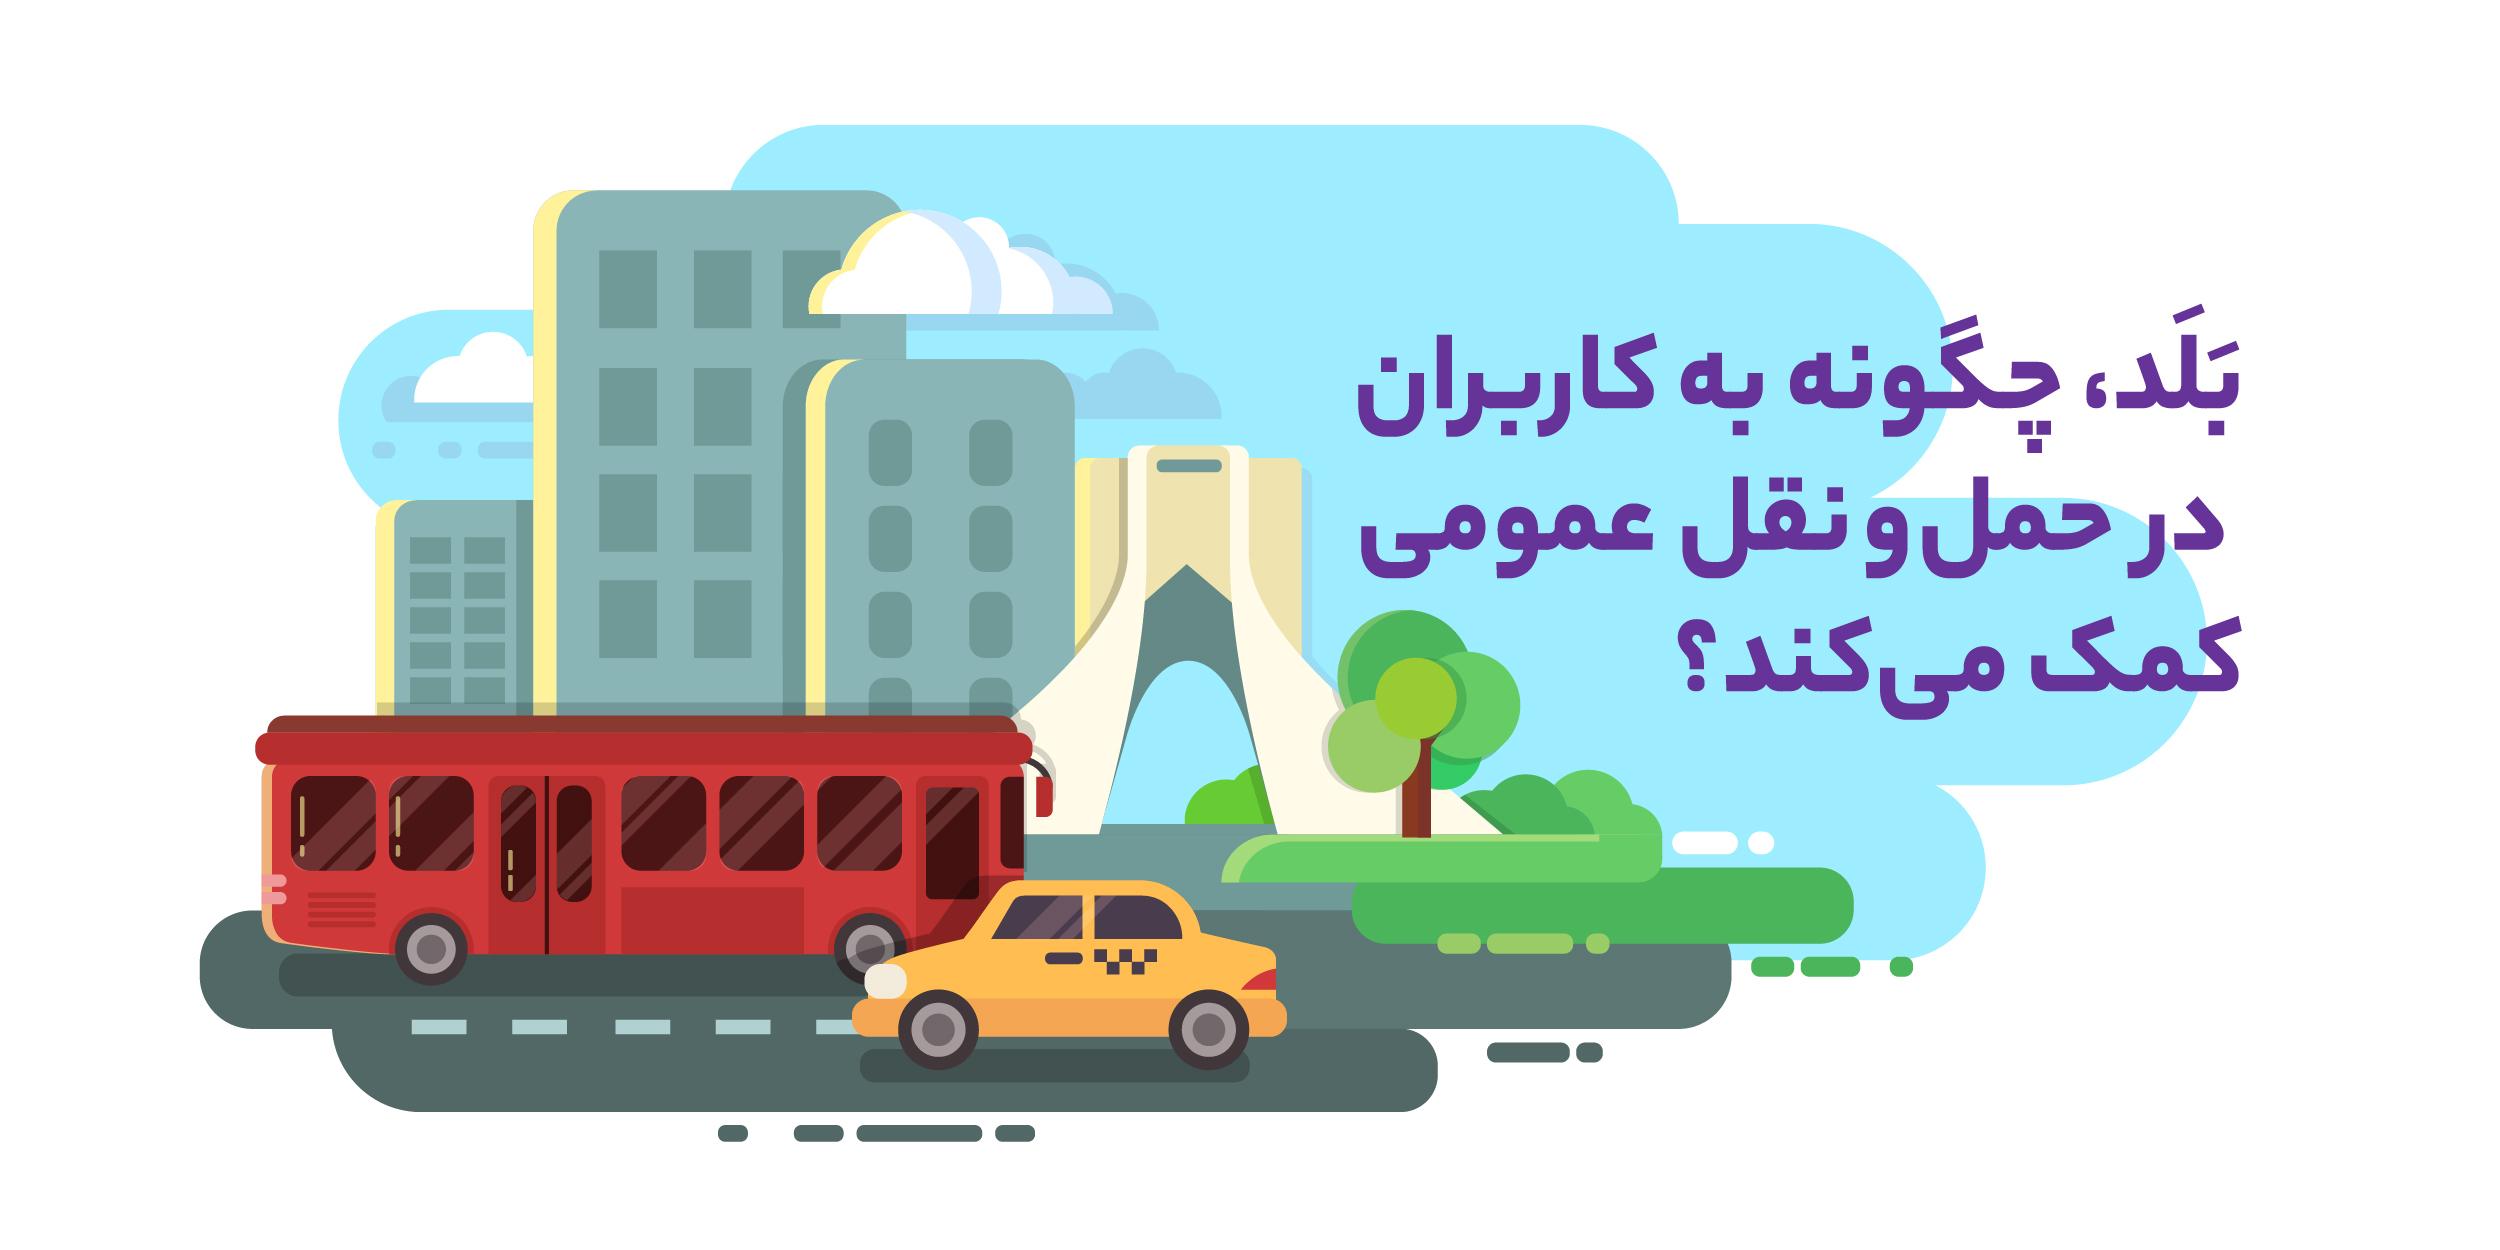 بلد، چگونه به کاربران در حمل و نقل عمومی کمک میکند؟